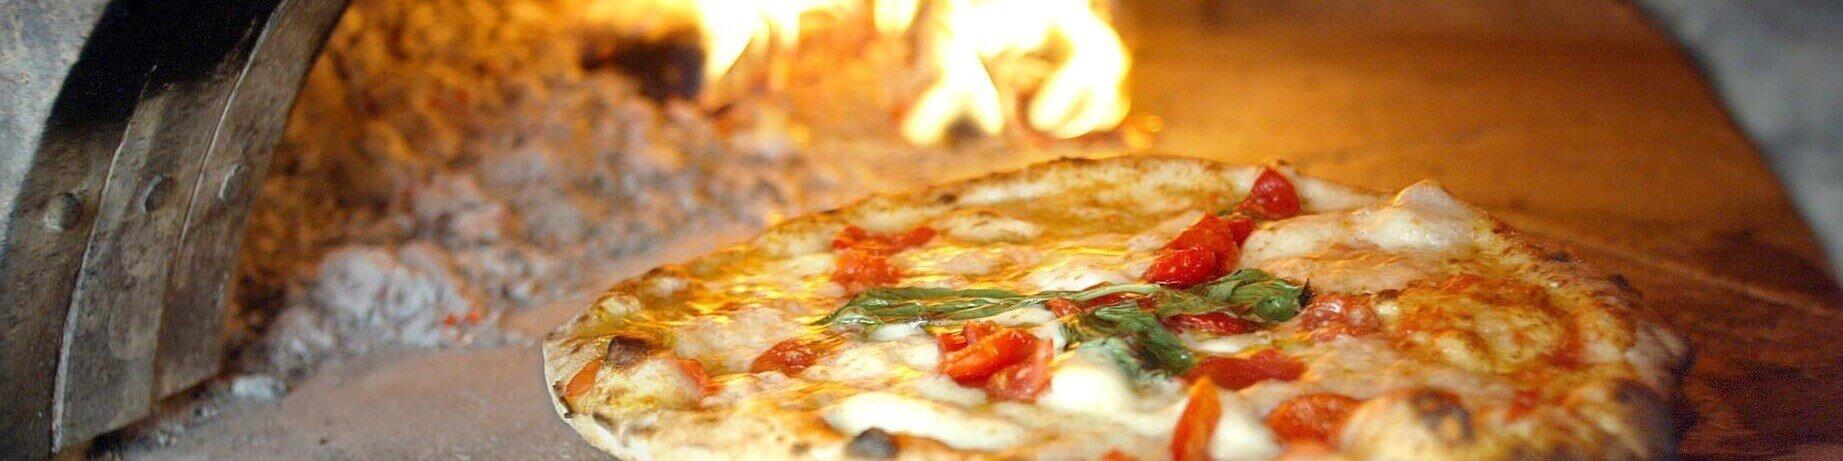 FORNI pizza, prezzo FORNI pizza